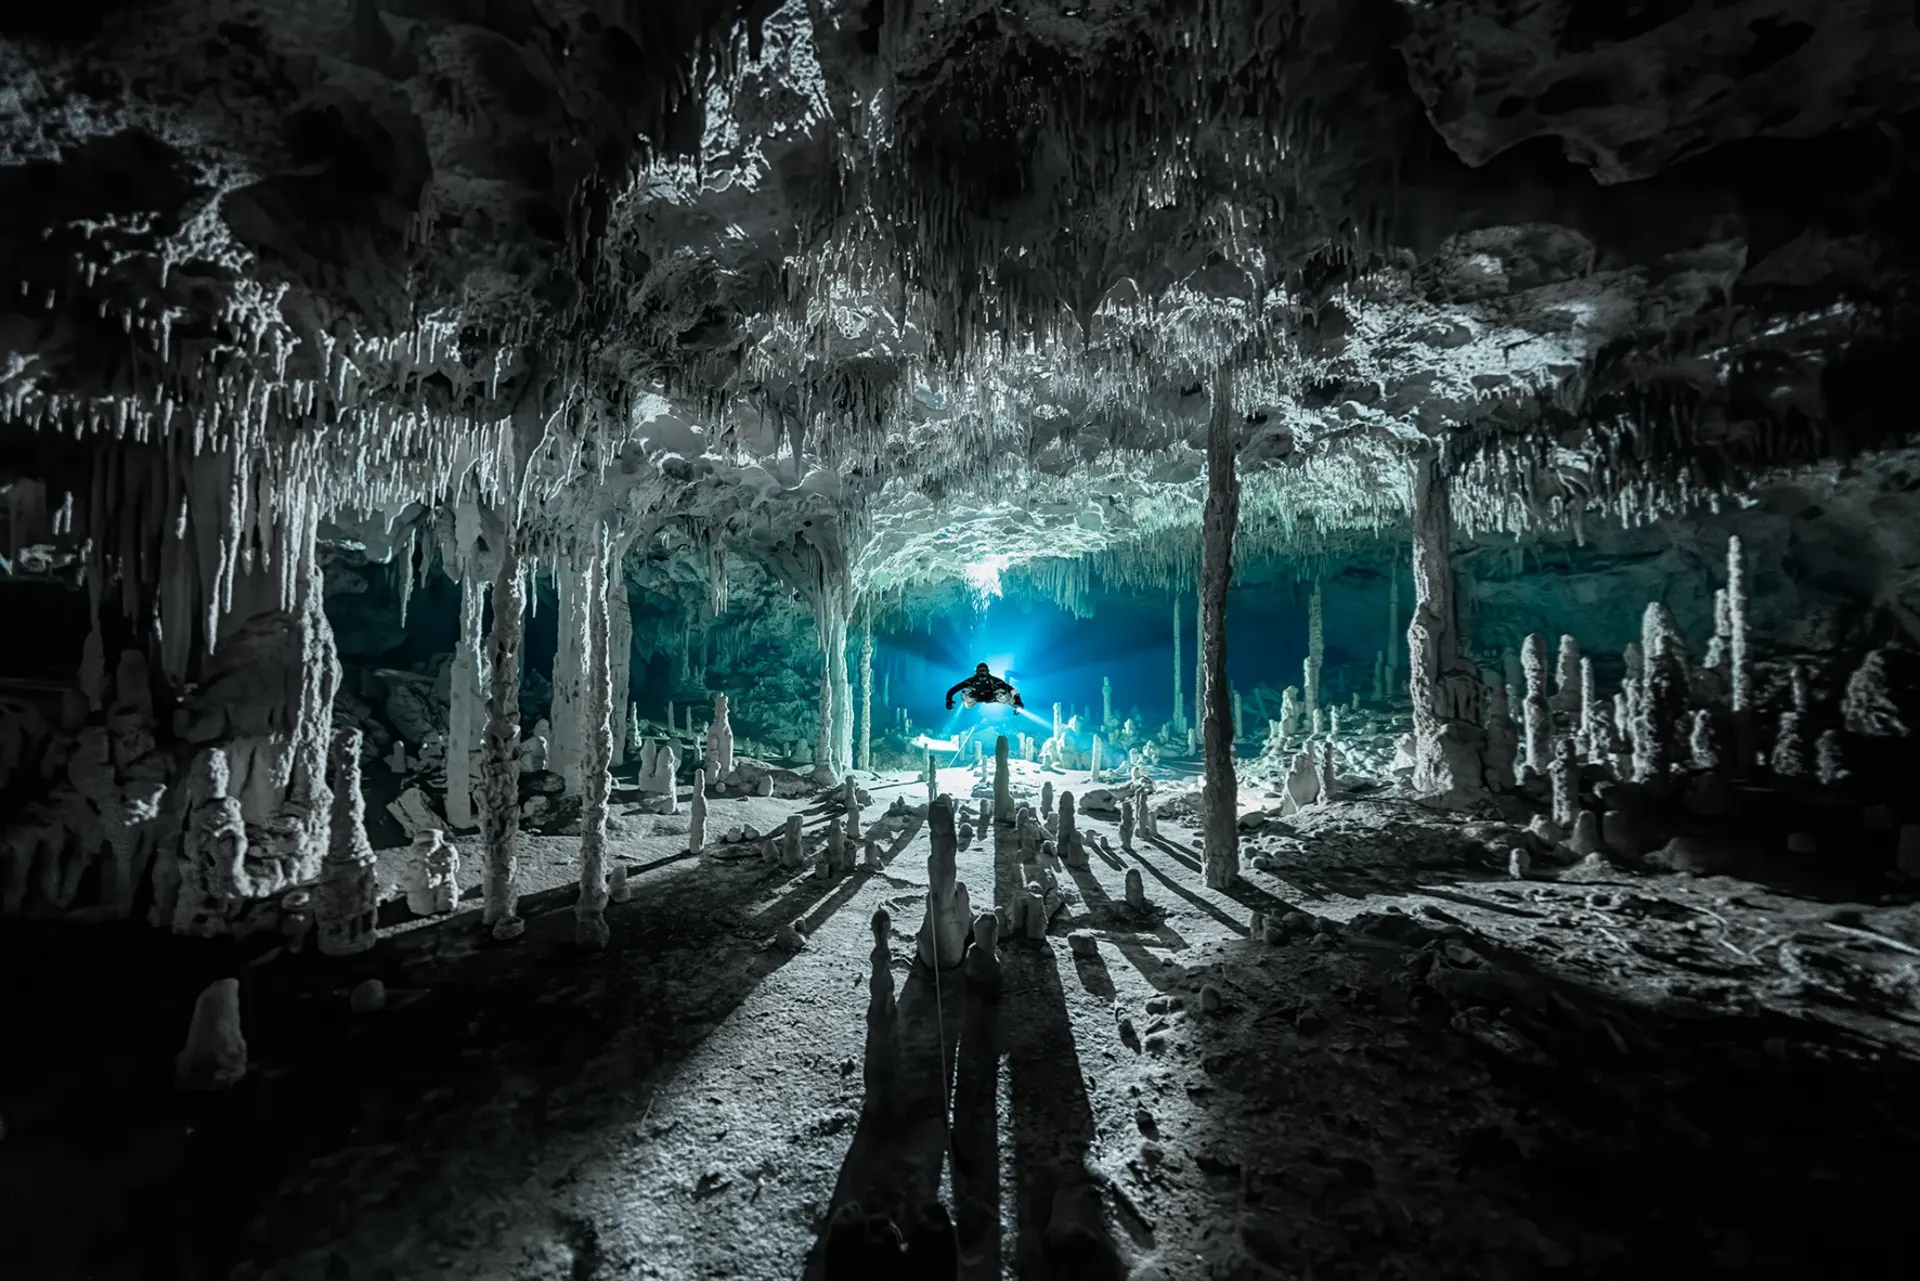 Πρώτο βραβείο στην κατηγορία «Εξερευνητής Φωτογράφος» πήρε η εξερεύνηση αυτού του υποθαλάσσιου σπηλαίου στο Μεξικό